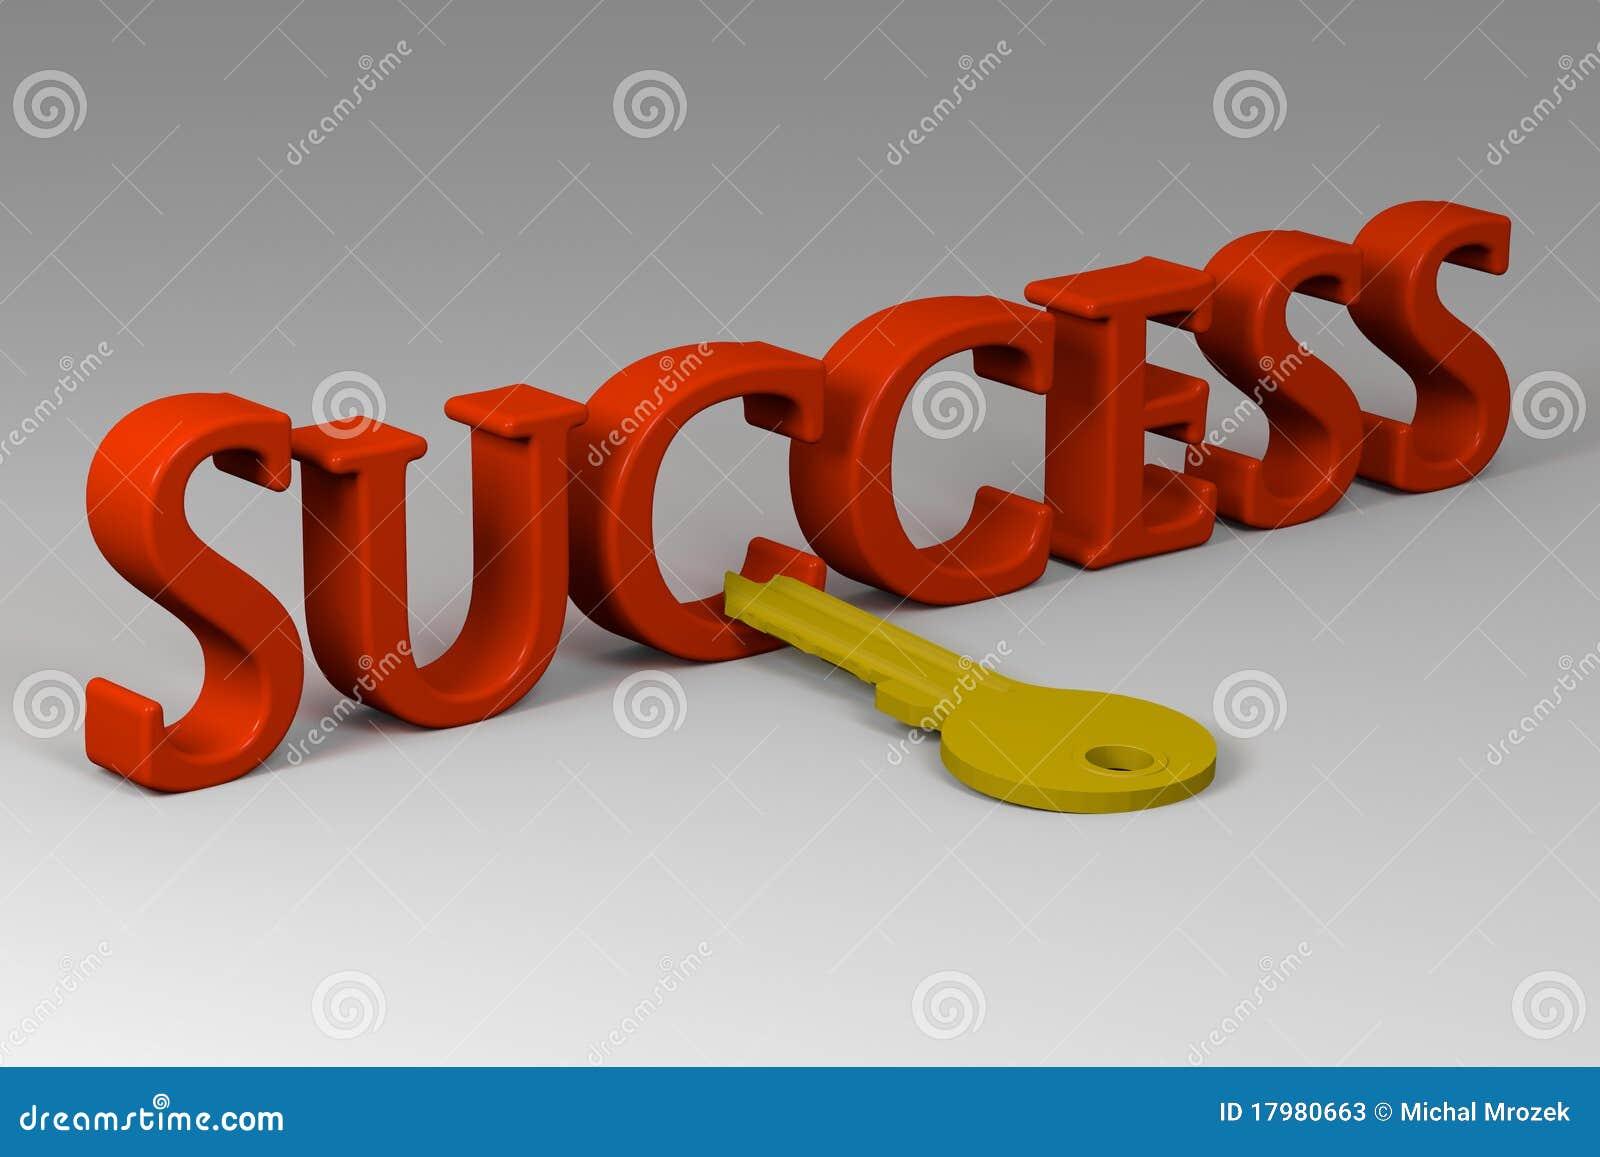 ключевой успех к